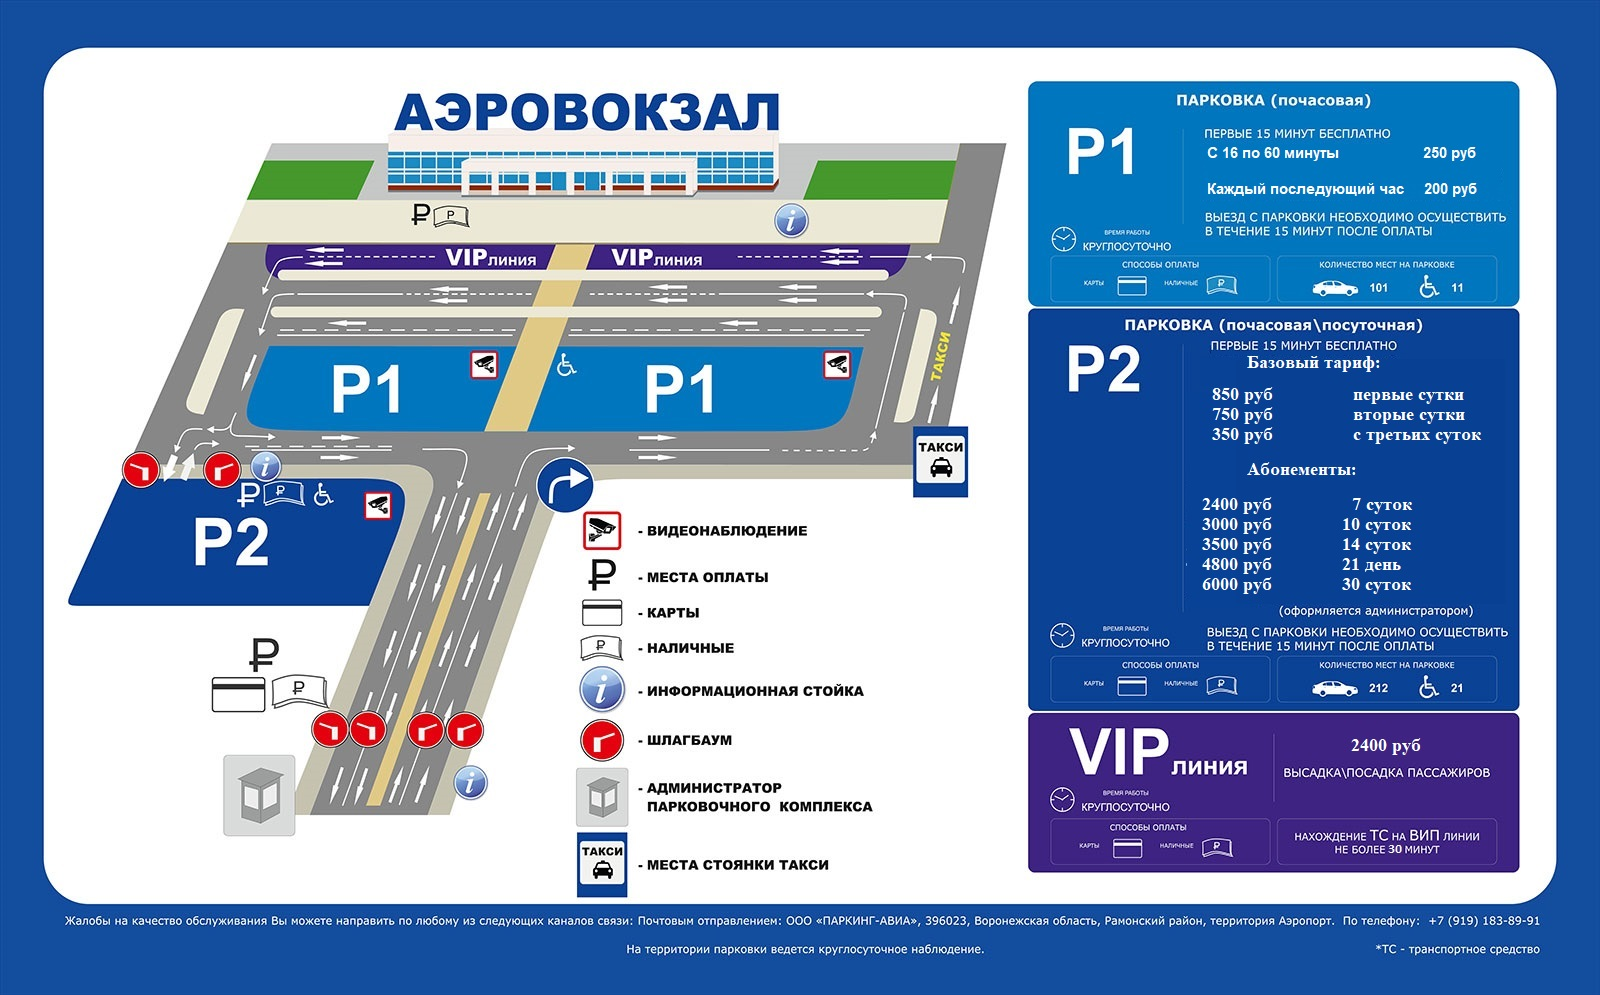 Аэропорт Воронежа парковки схема и цены